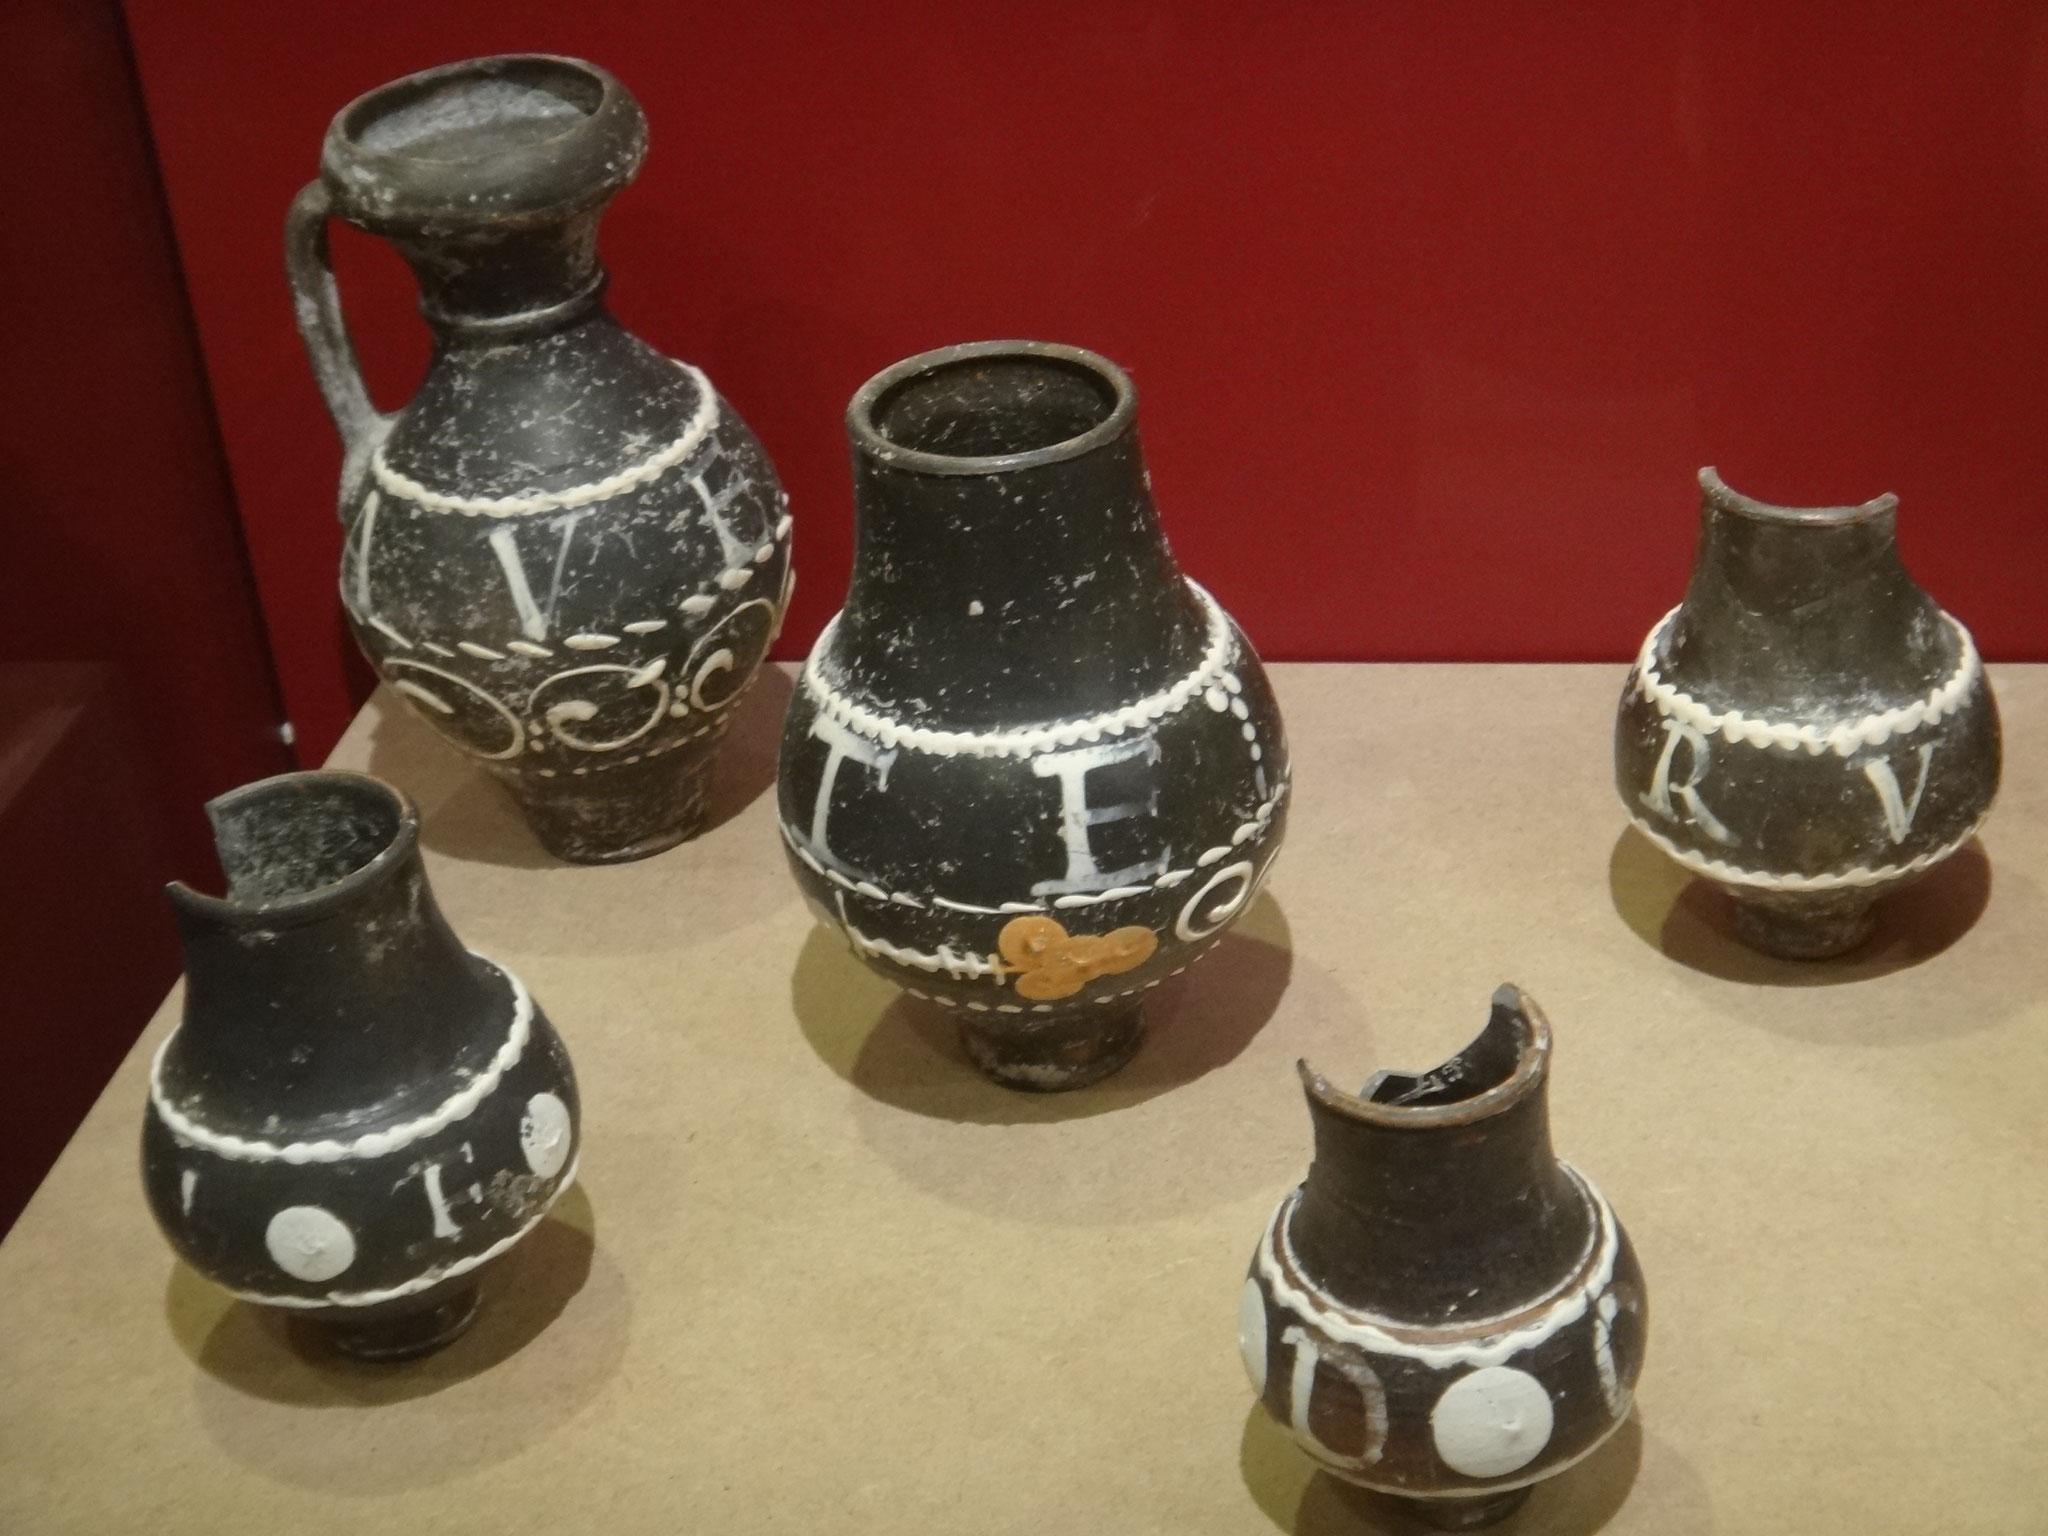 Gobelets en céramique métallescente dont les surfaces noires sont ornées de décors en barbotine blanche avec des devises latines